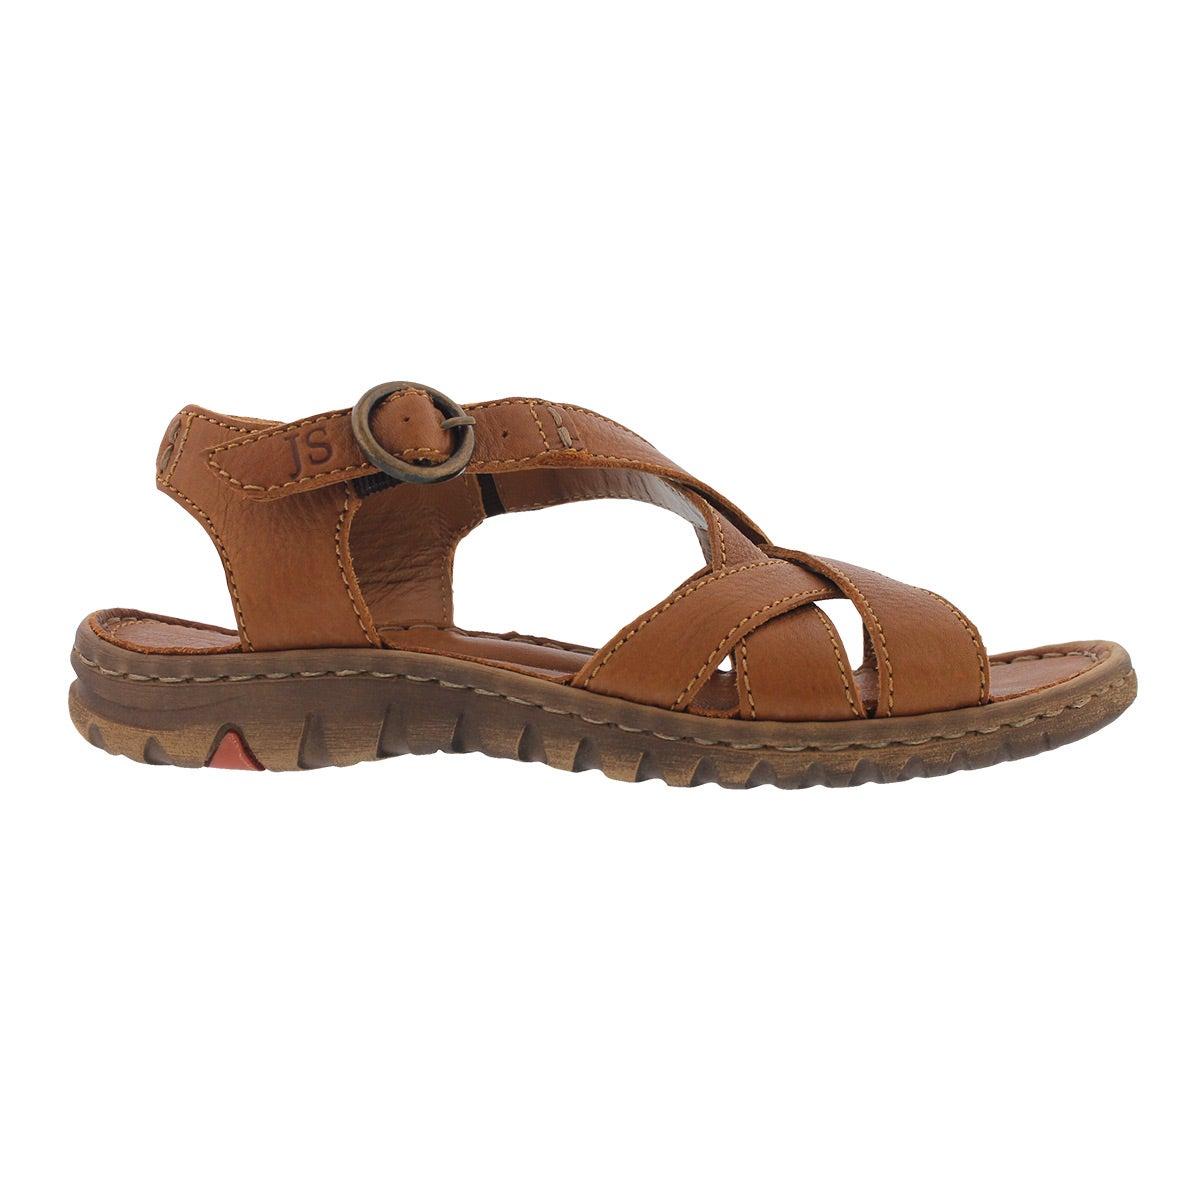 Lds Lucia 01 castagne casual sandal